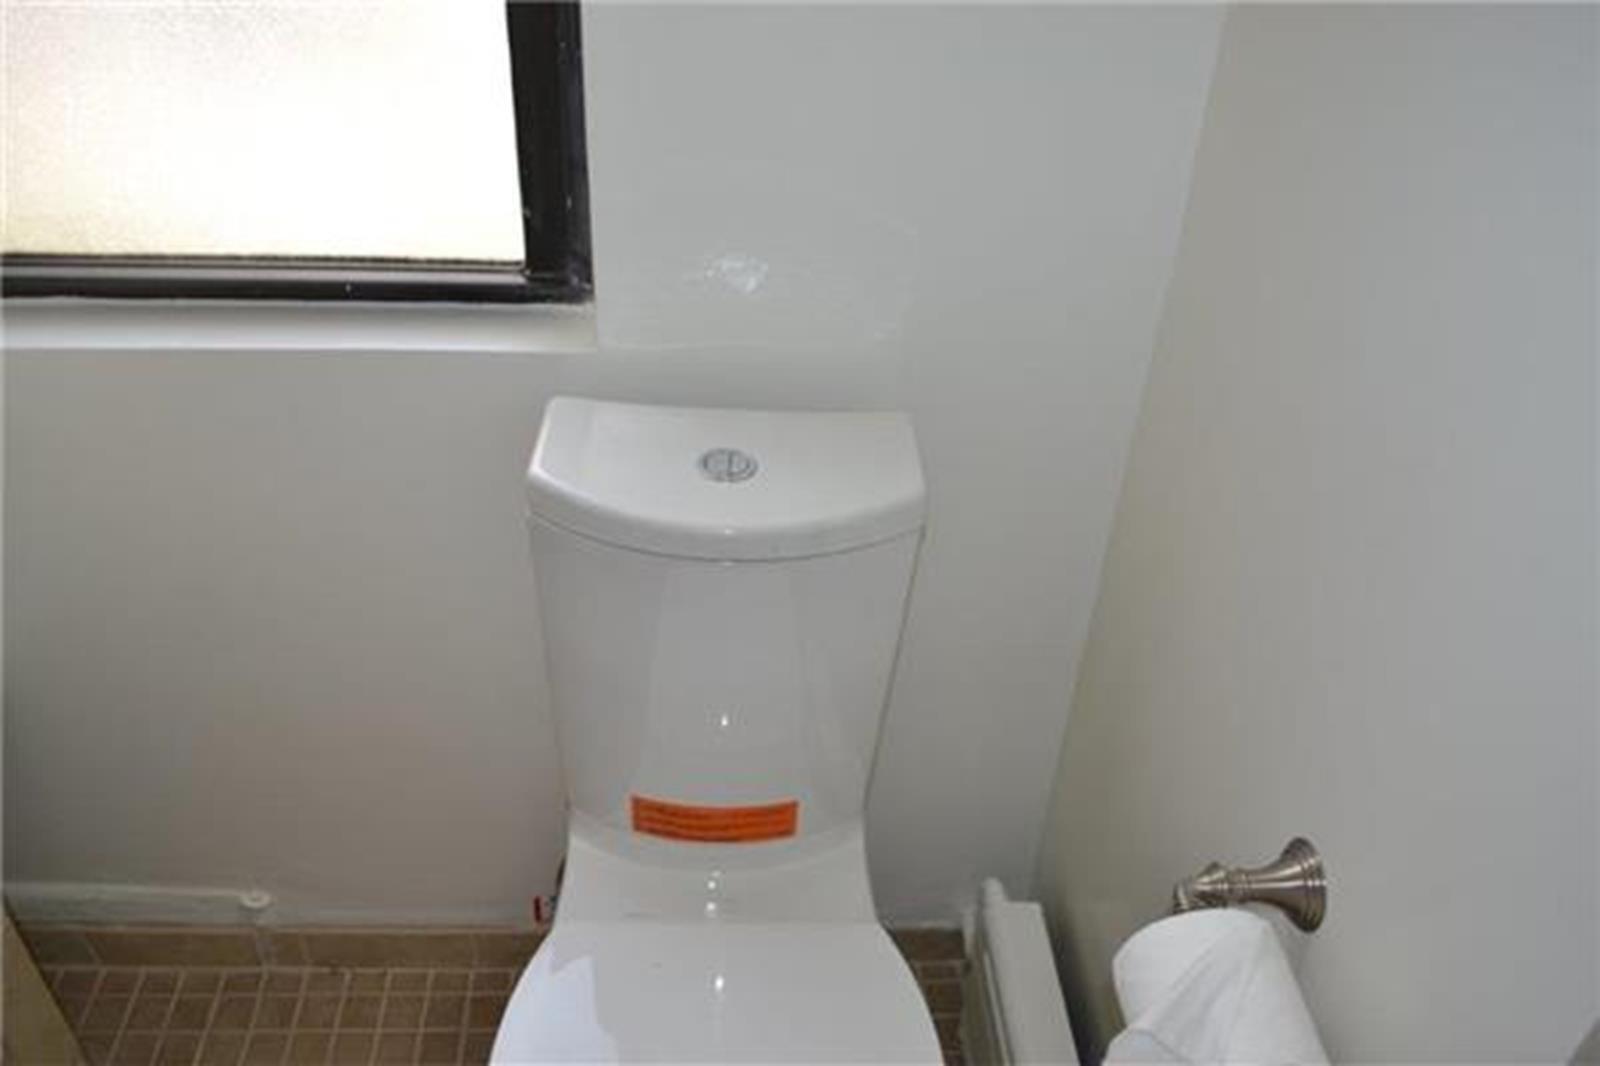 19 Prince Street Soho New York NY 10012